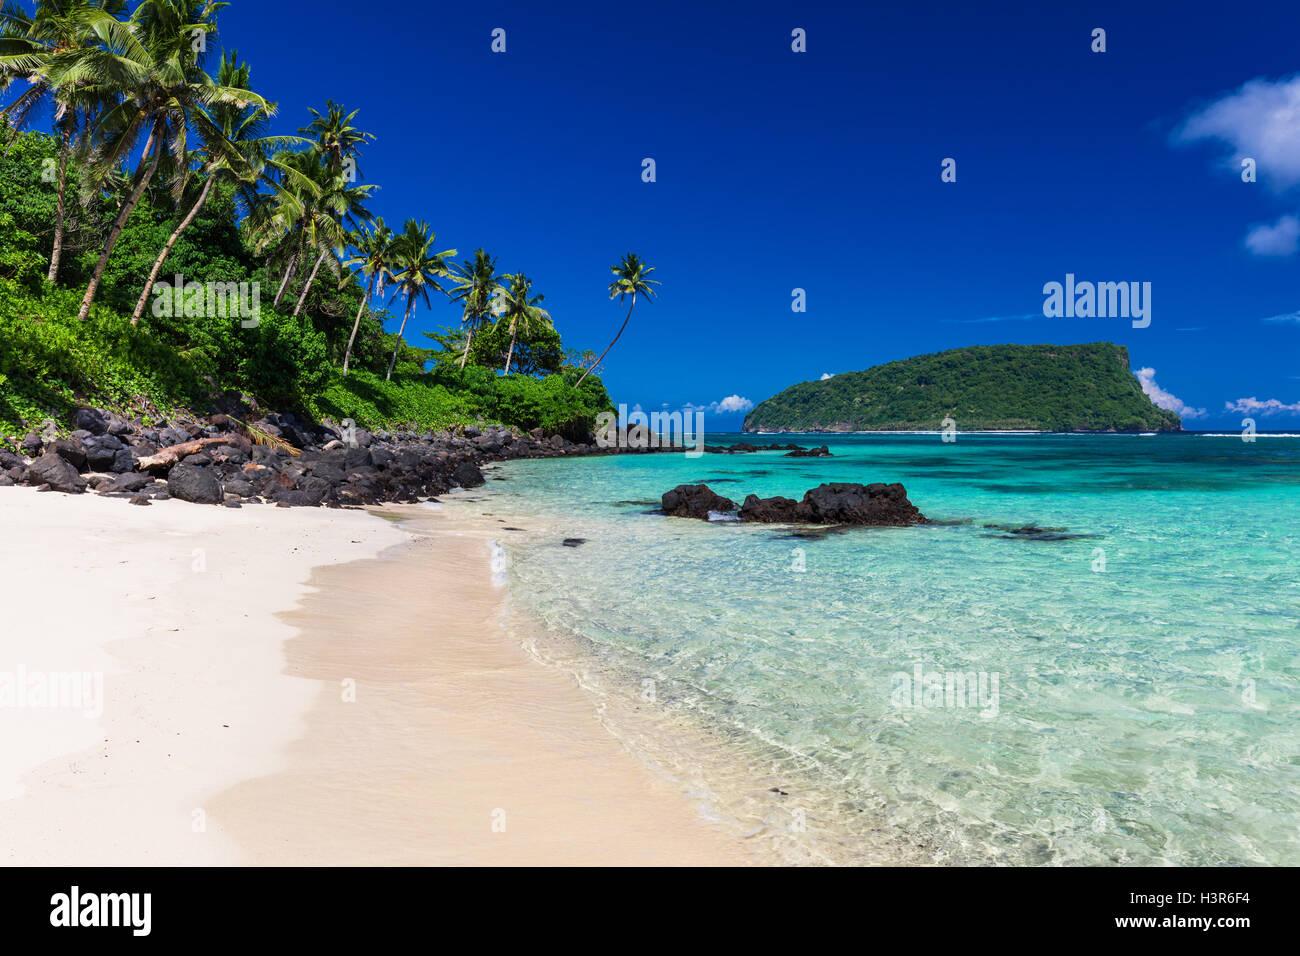 Plage de Lalomanu tropicaux sur l'Île de Samoa américaines avec des cocotiers Photo Stock